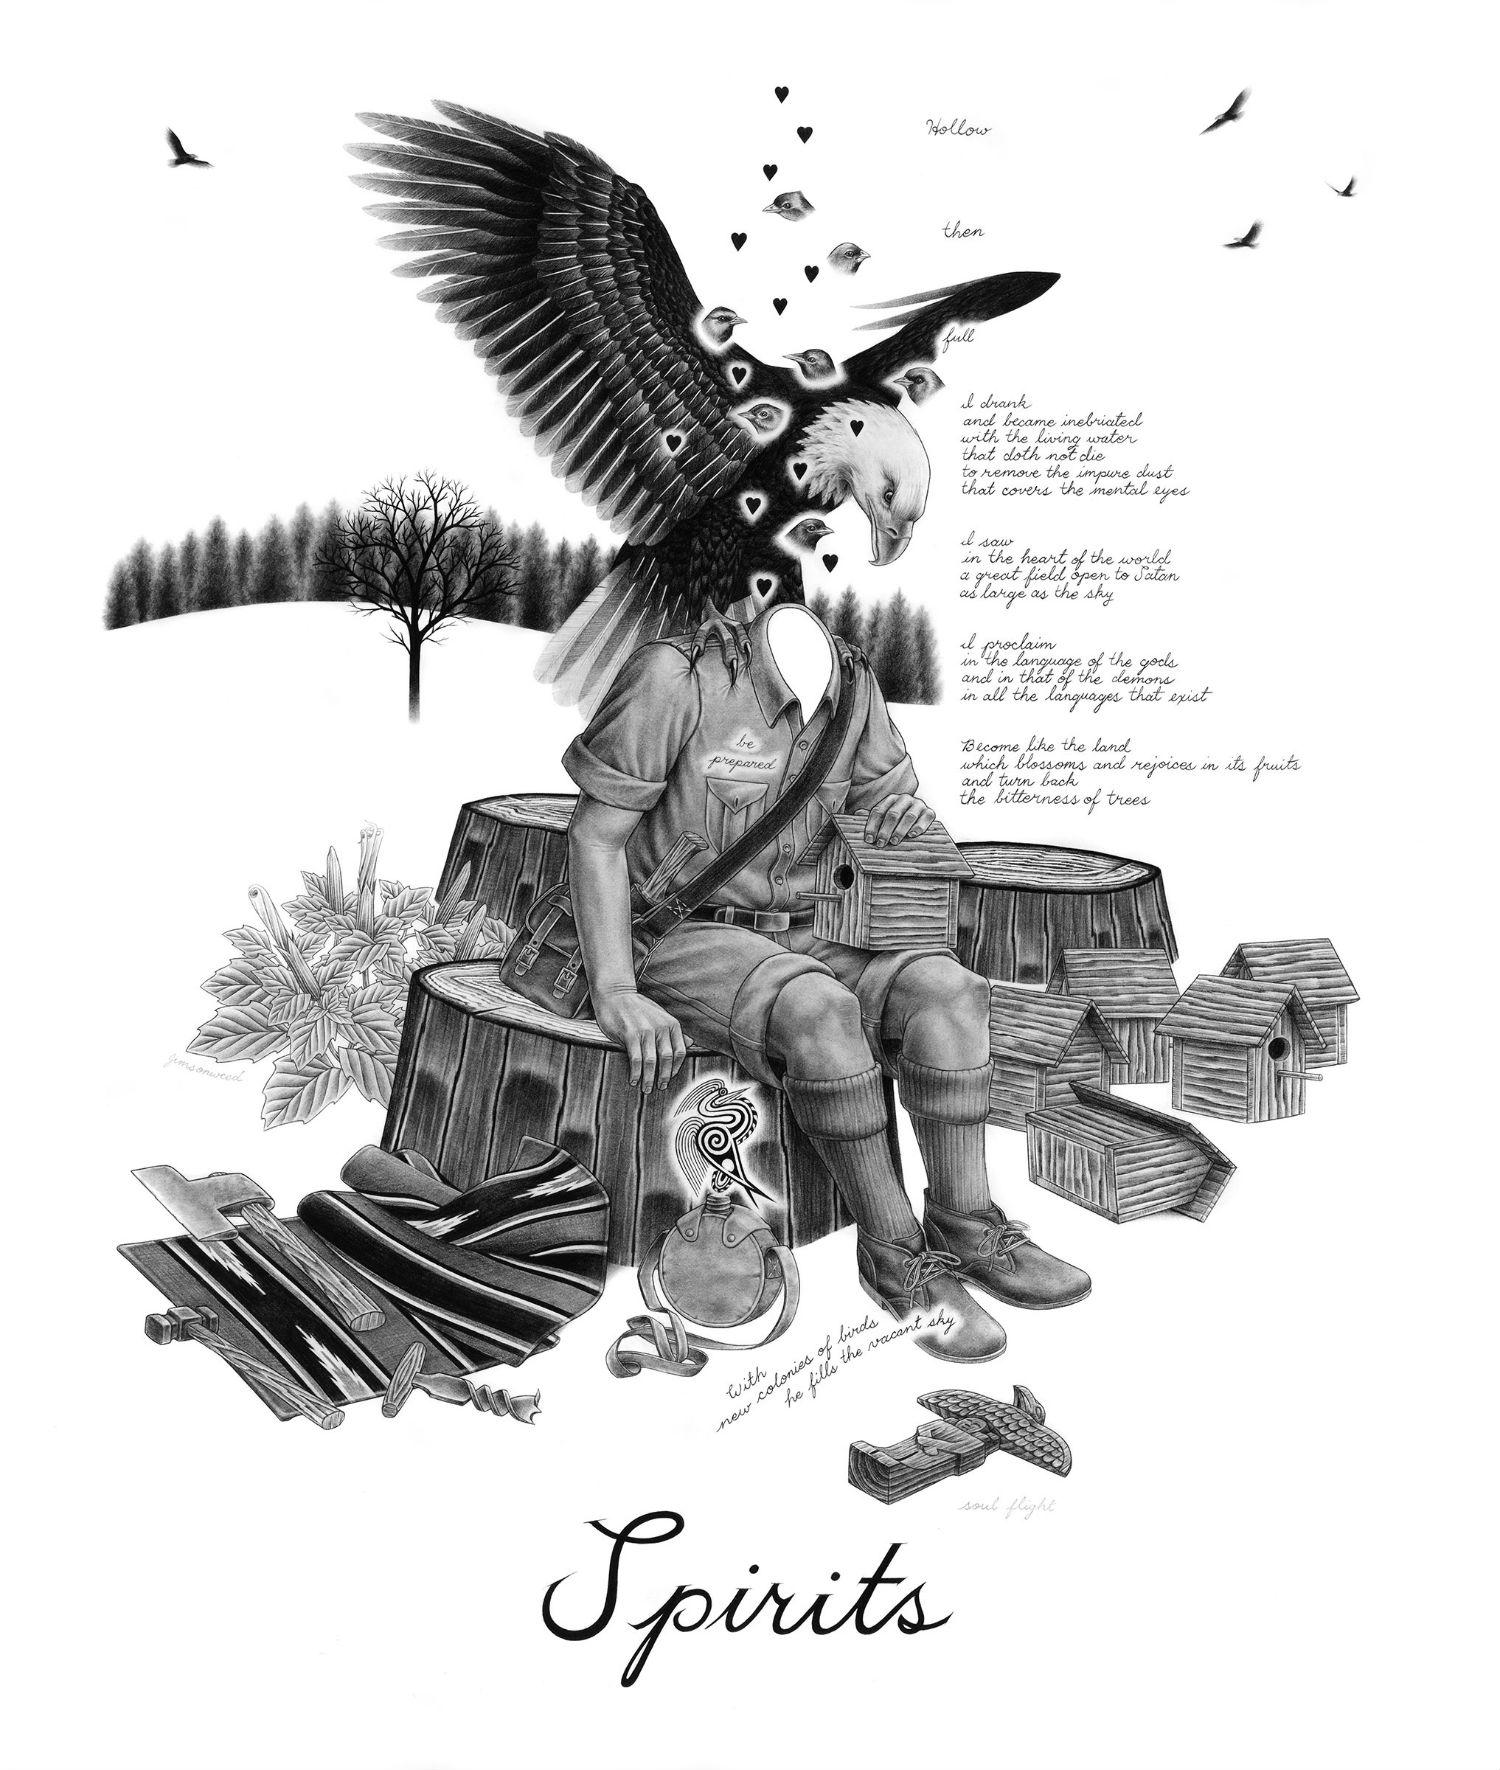 eric beltz drawing black white american mythology shade imagery eagle